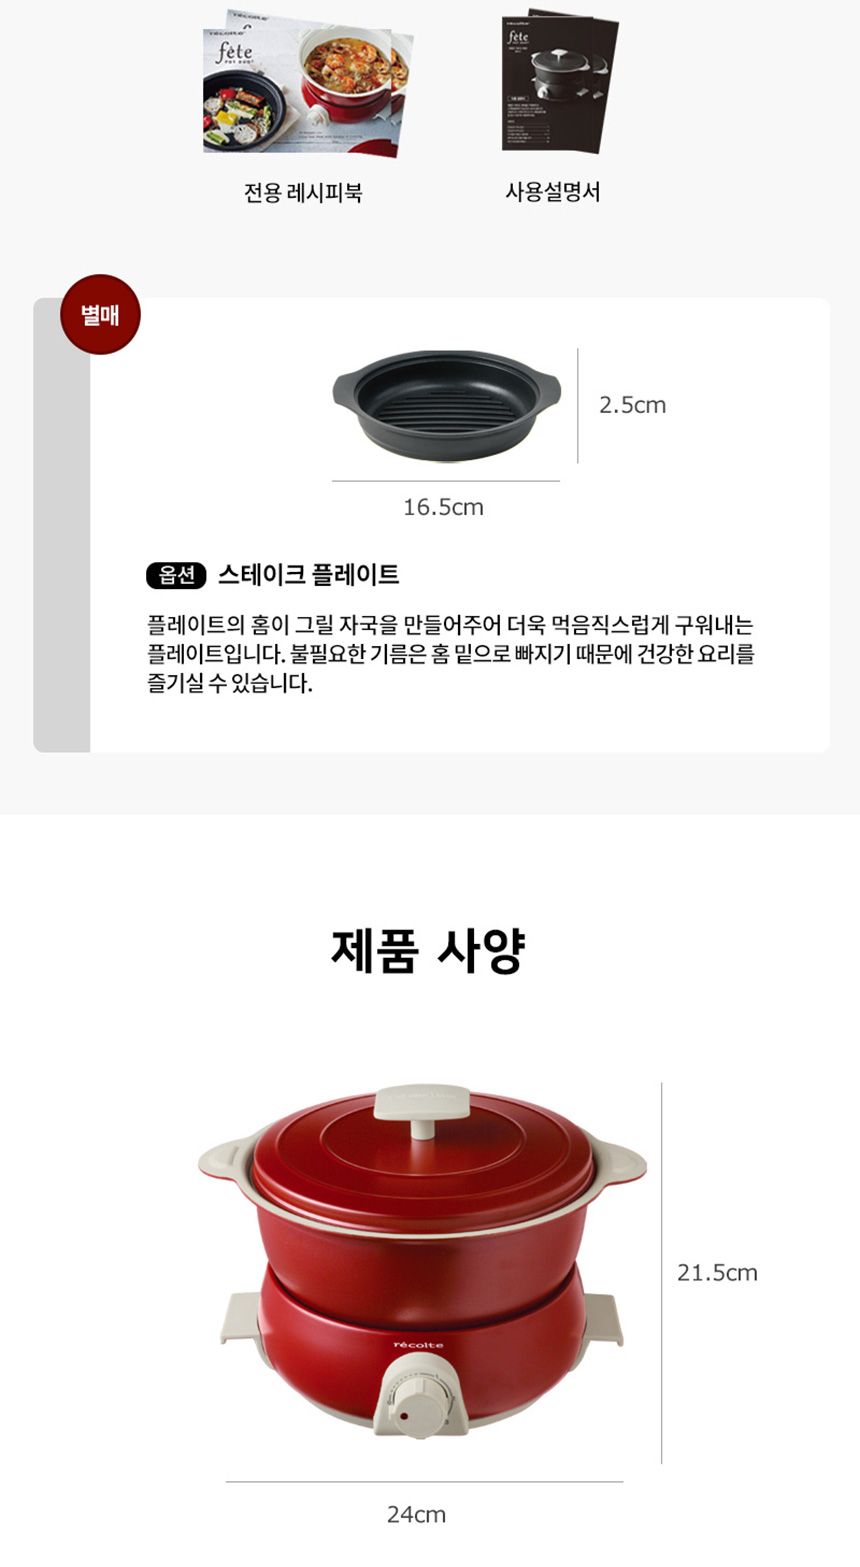 레꼴뜨 멀티쿠커 팟듀오 페테 - 레꼴뜨, 97,000원, 전기레인지/그릴, 전기그릴